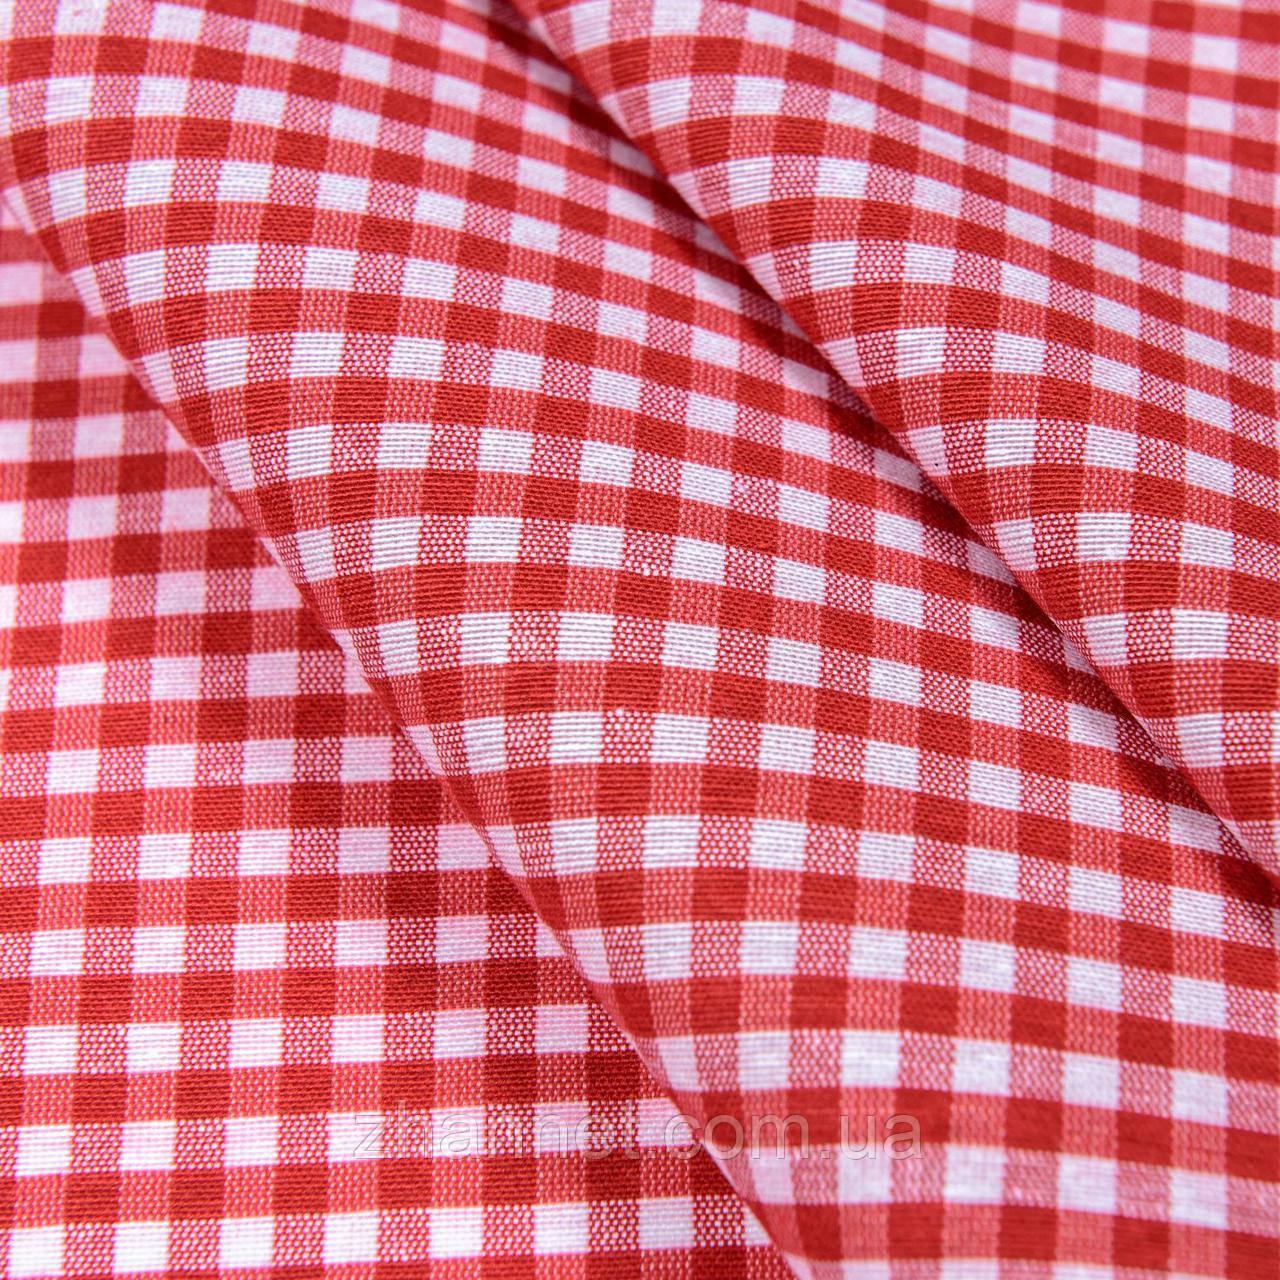 Тканина для скатертини з акриловою грунтовкою PATINIR червоний 160 см (538801)